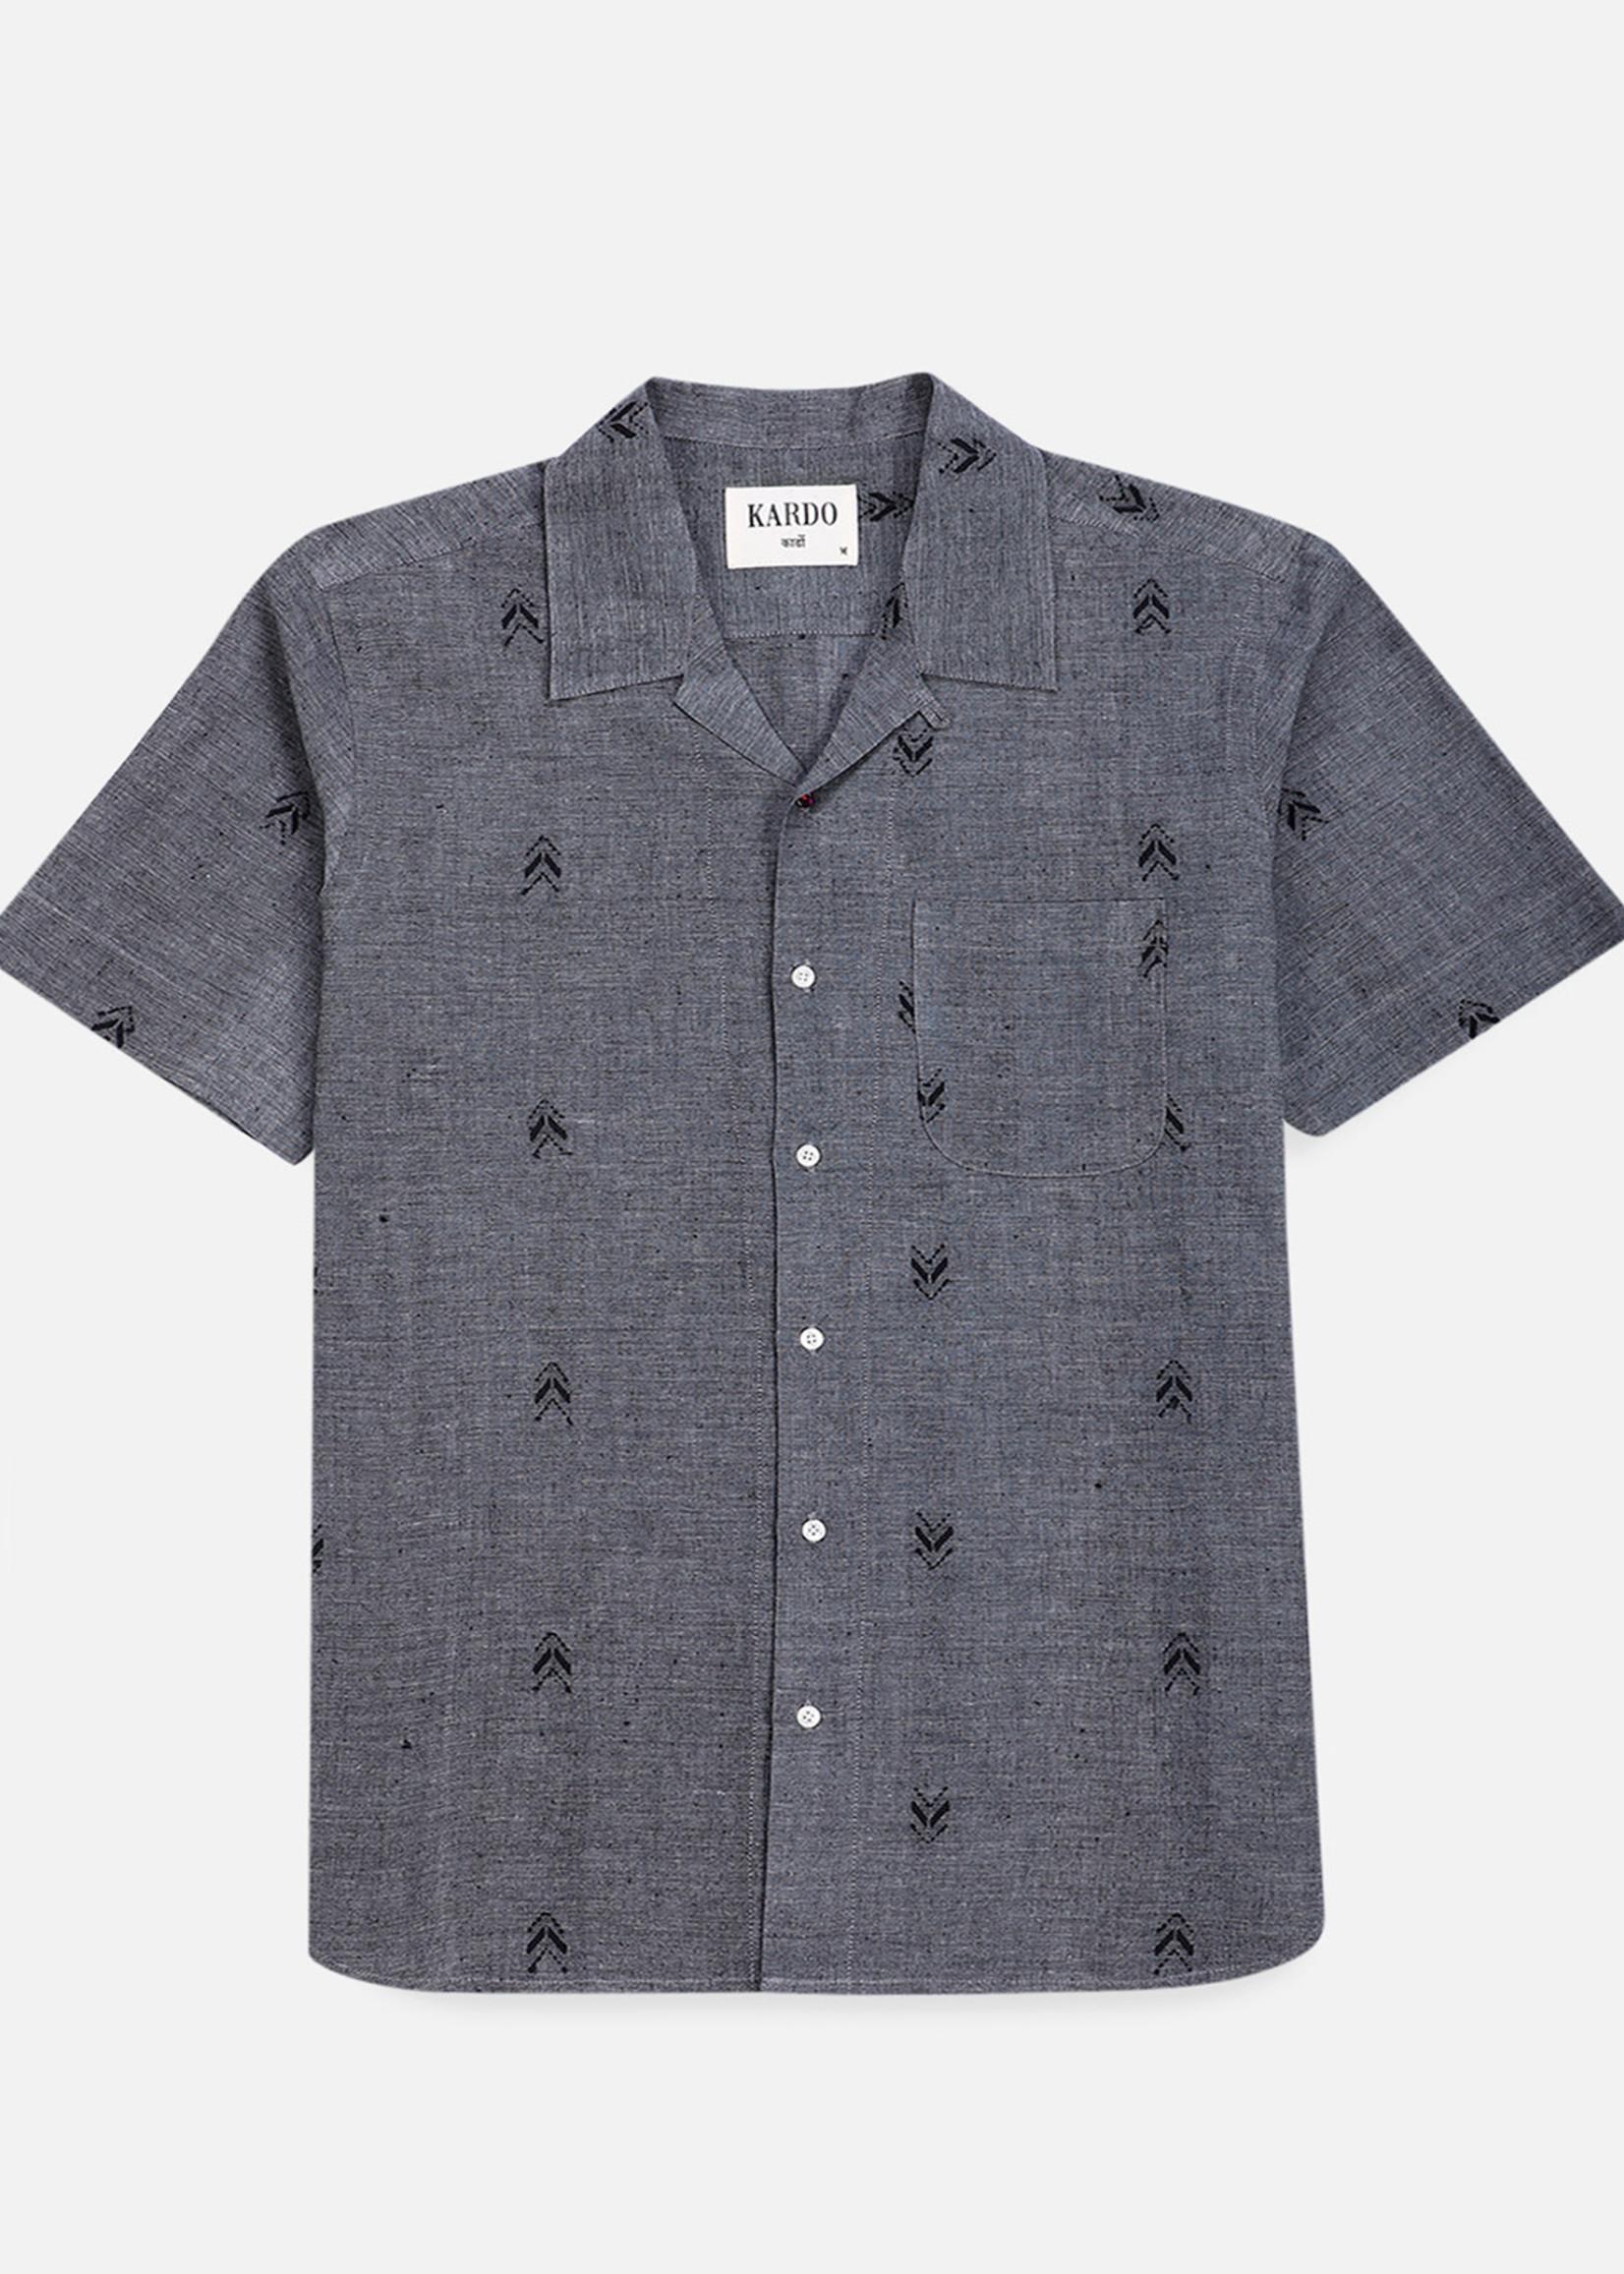 Kardo Kardo Lamar Grey Short Sleeve Shirt